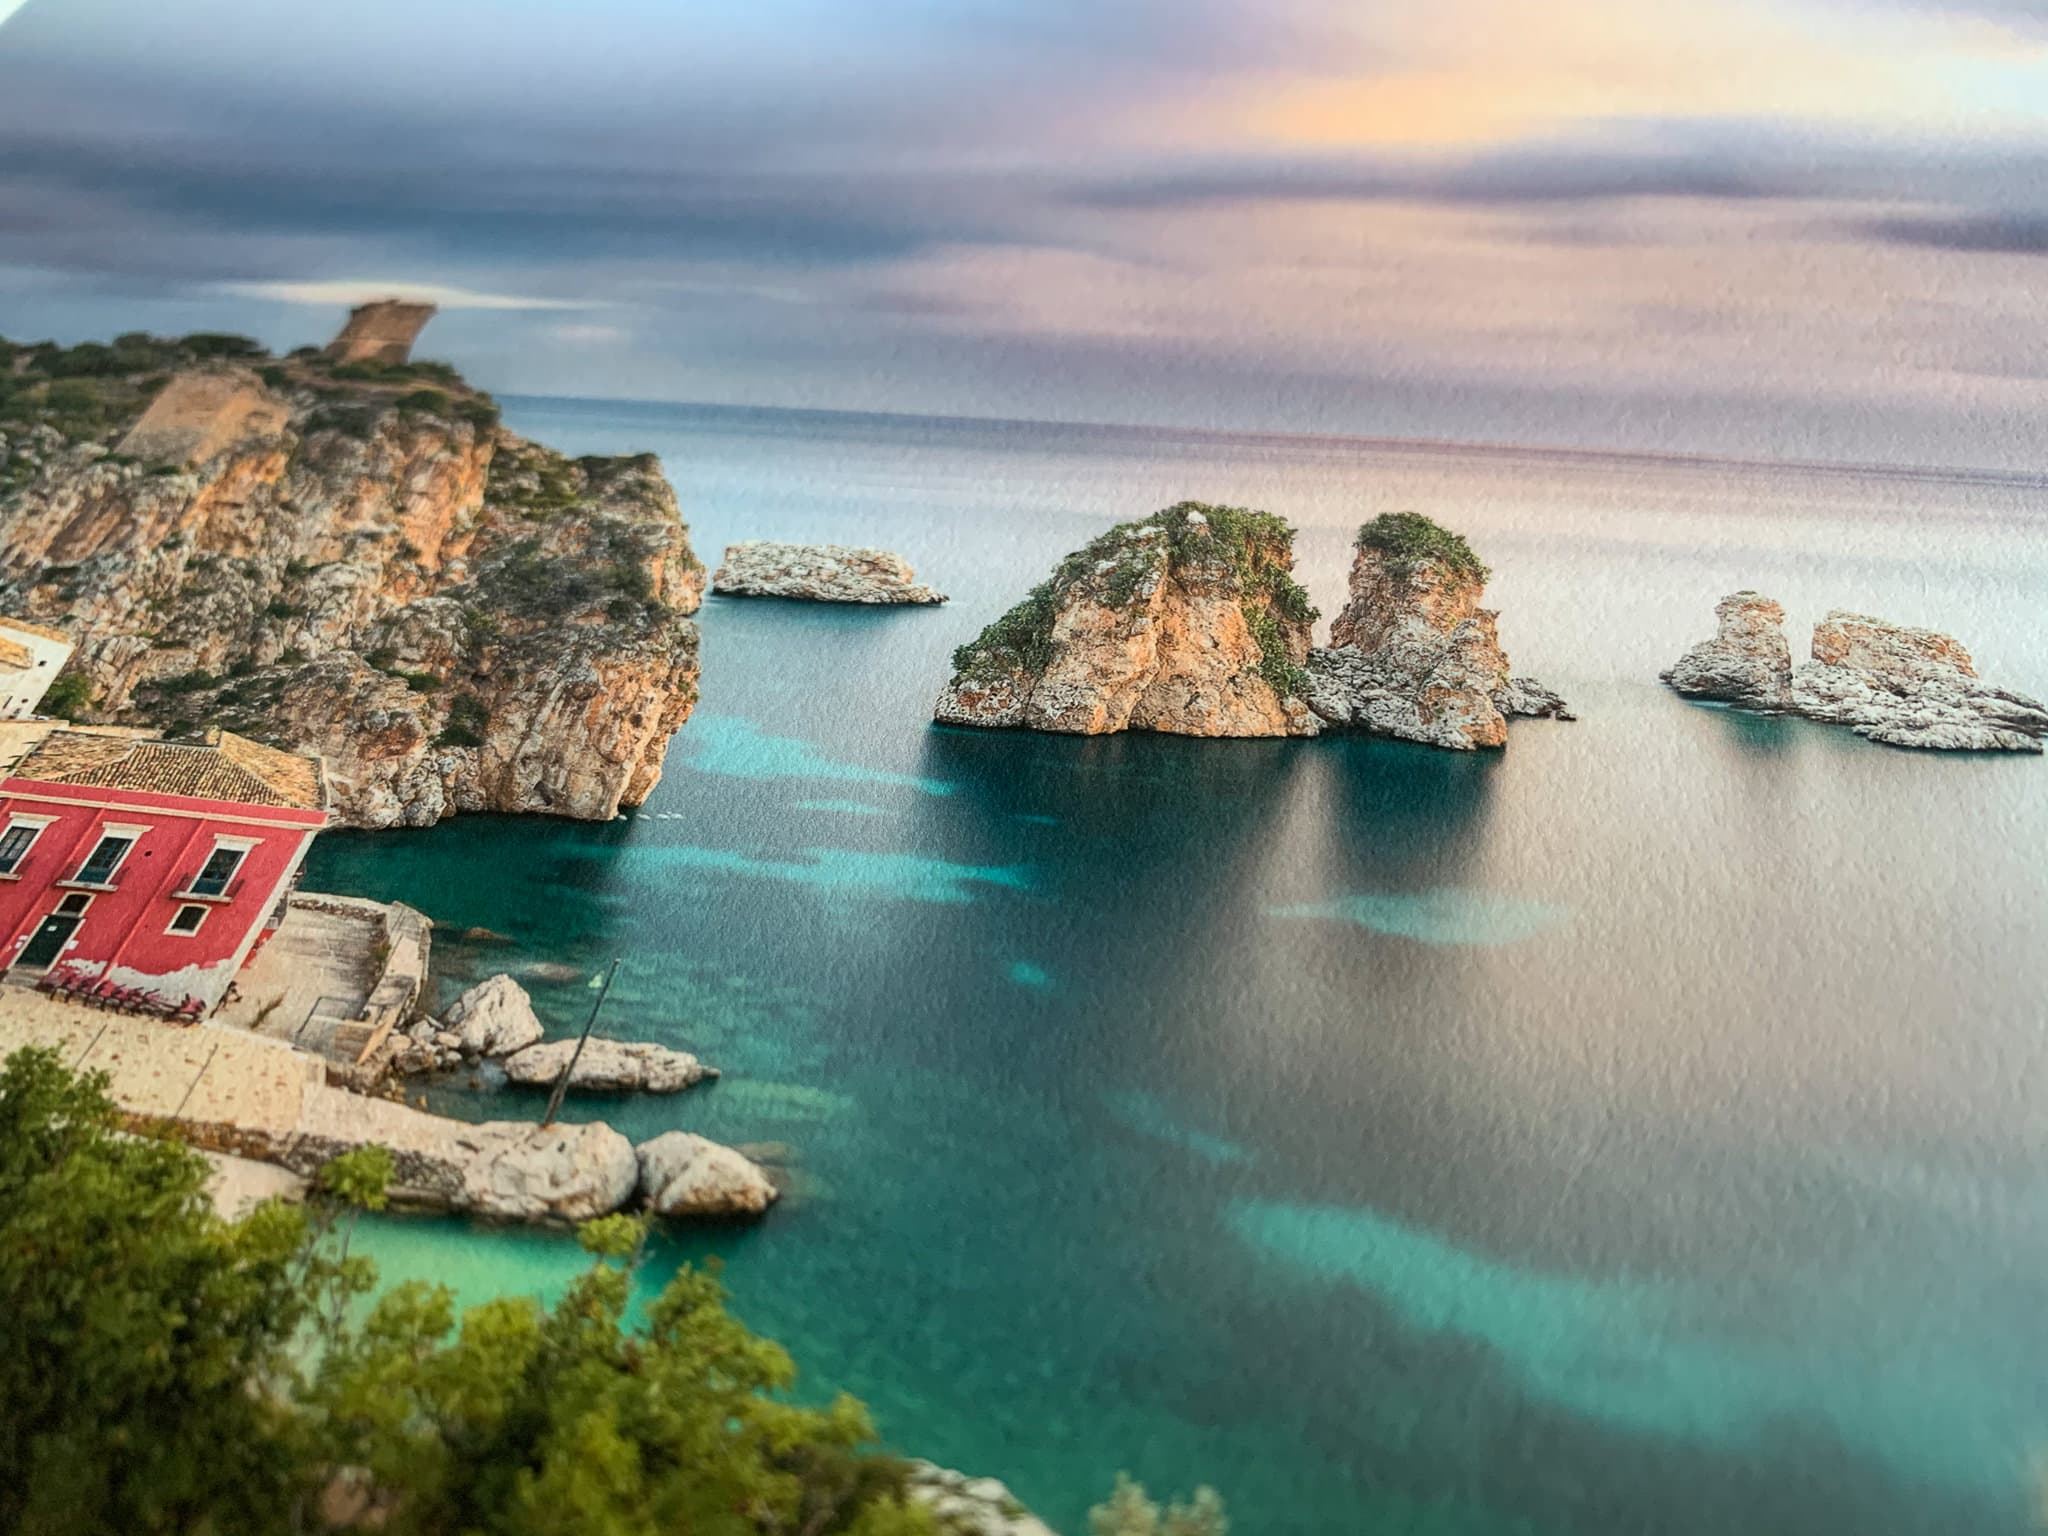 9 Francesco Gola Seascape Long Exposure Photography Review Best Fine Art Paper Hahnemuhle Hahnemühle